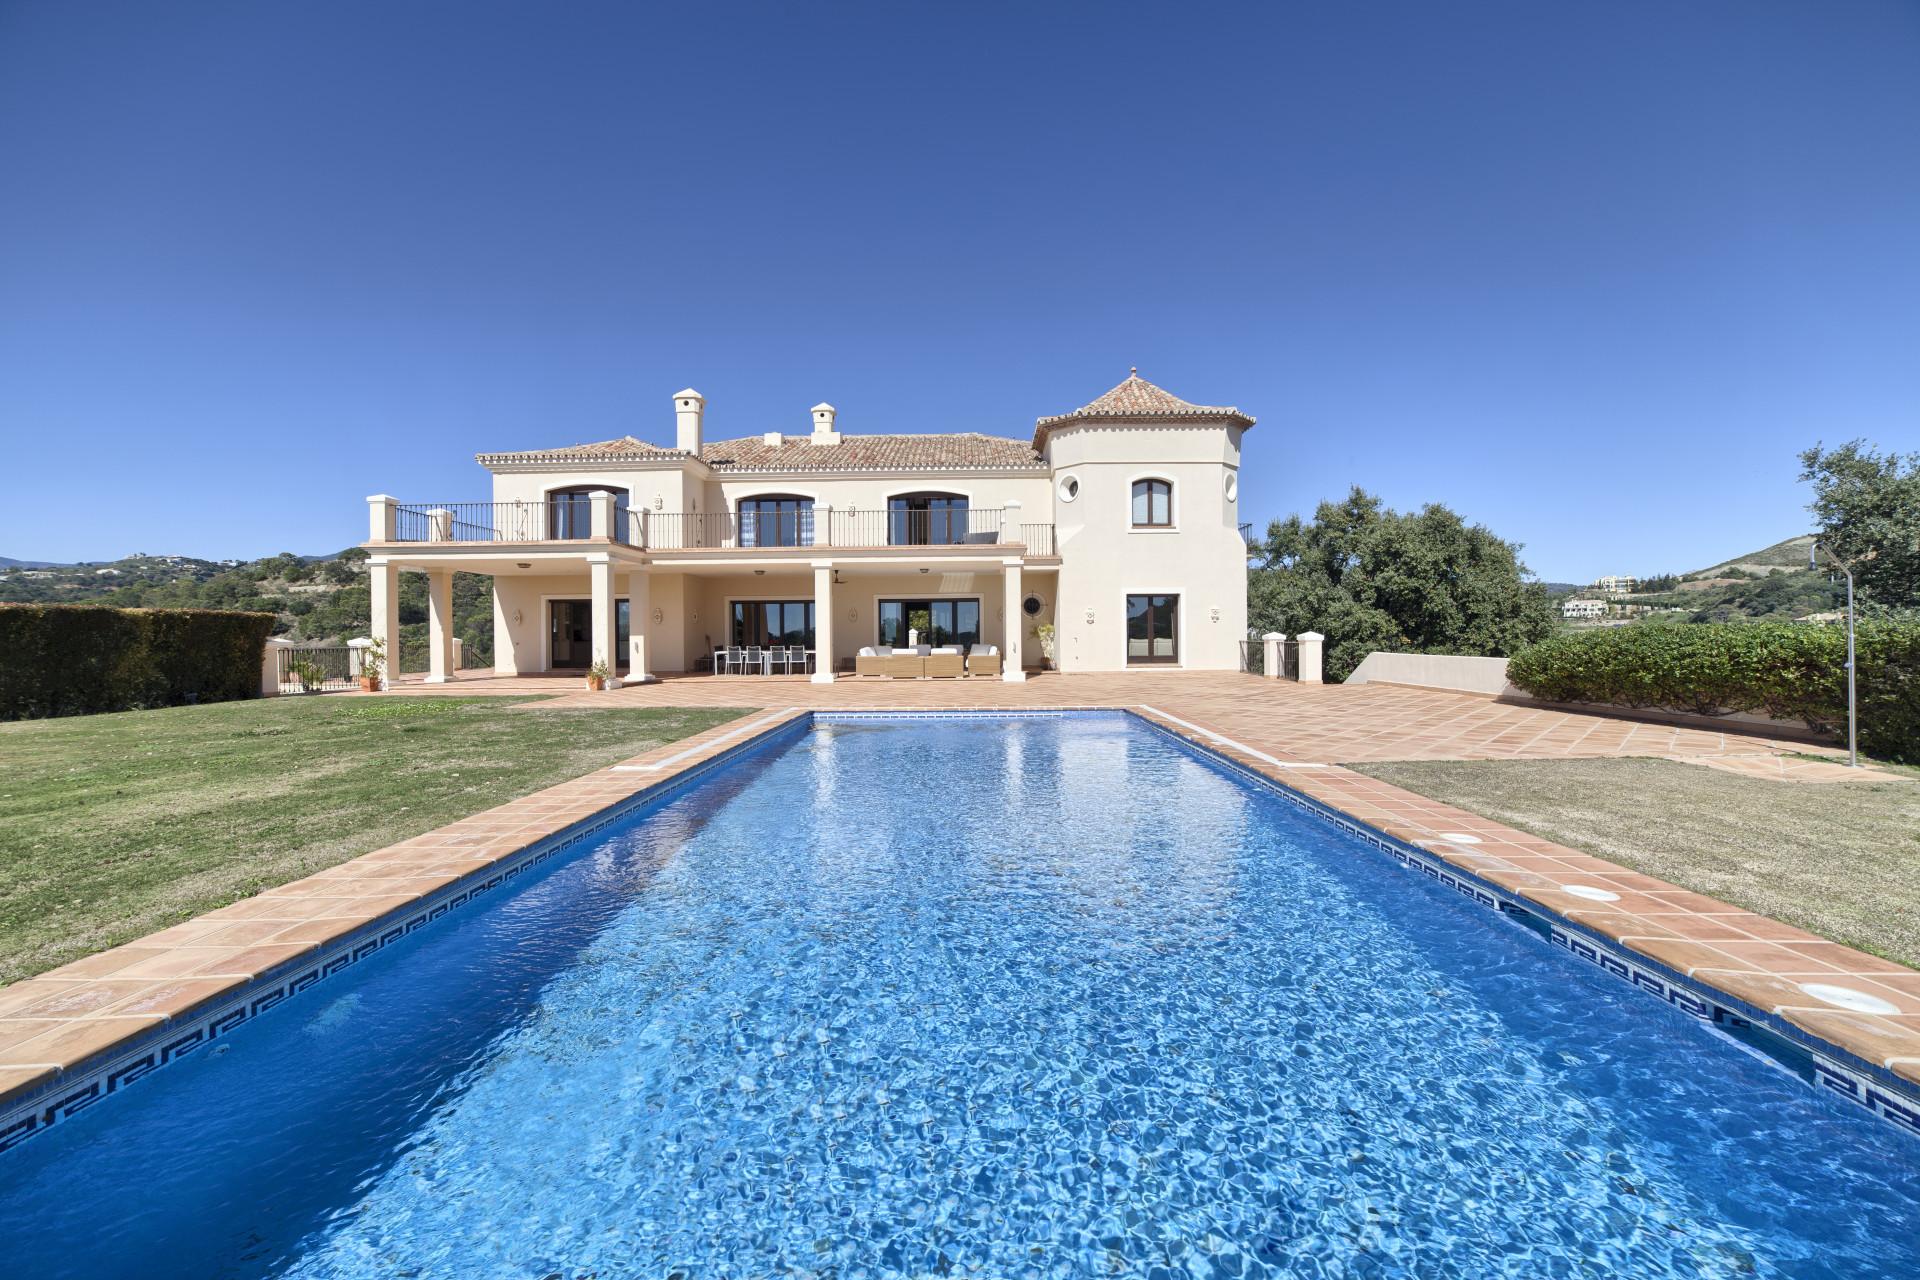 Luxe Andalusische stijl villa te koop in Marbella Club Golf Resort in Benahavis